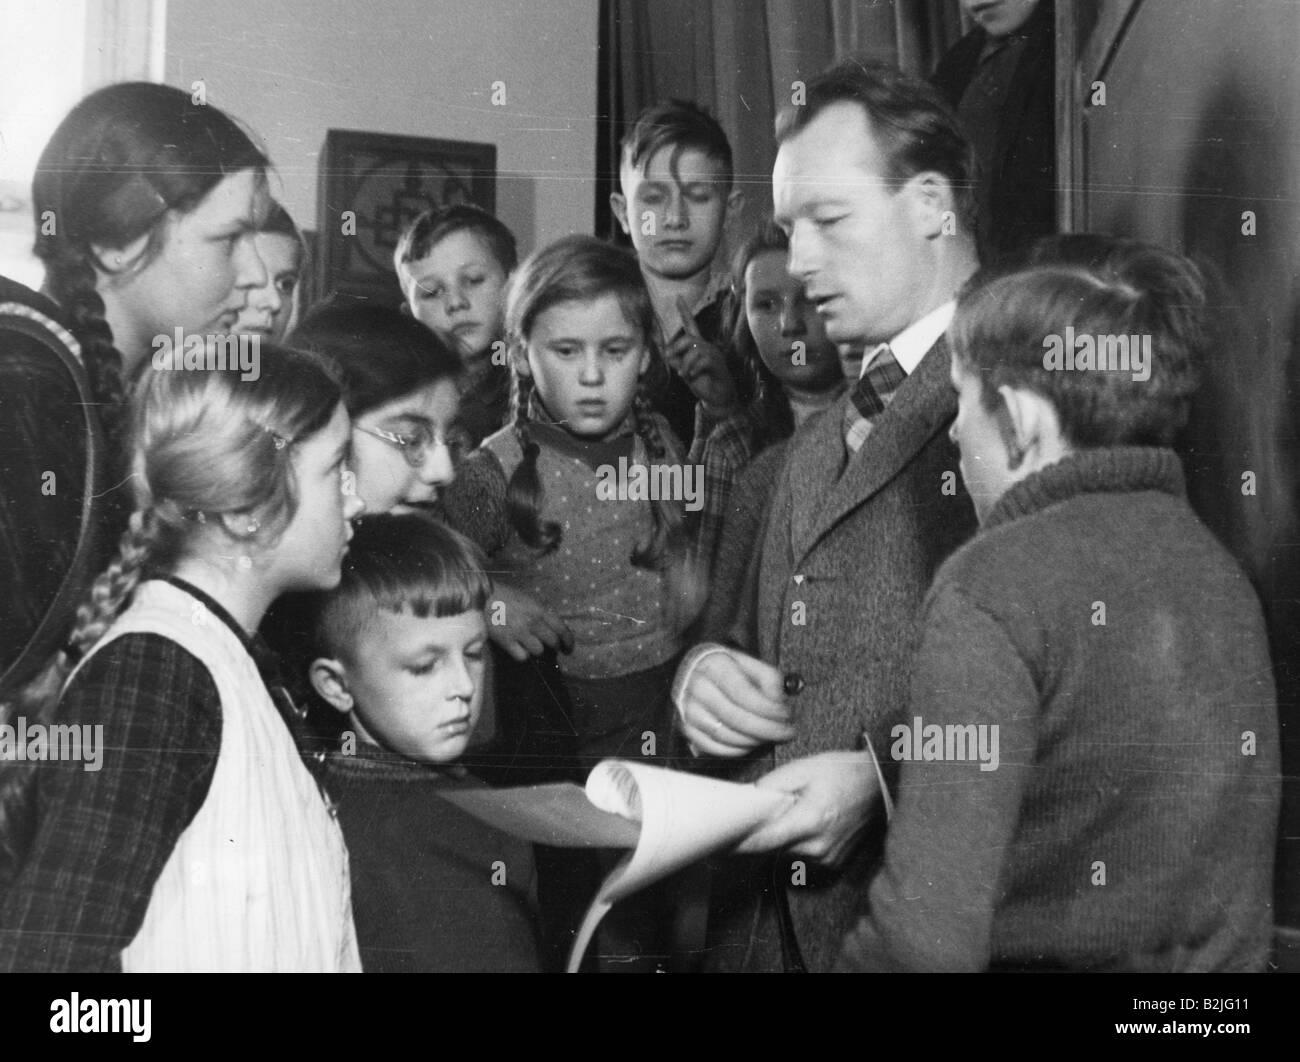 Reichwein, Adolf, 3.10.1898 - 20.10.1944, German educator, with children, Tiefensee school, Brandenburg, 1943, , - Stock Image